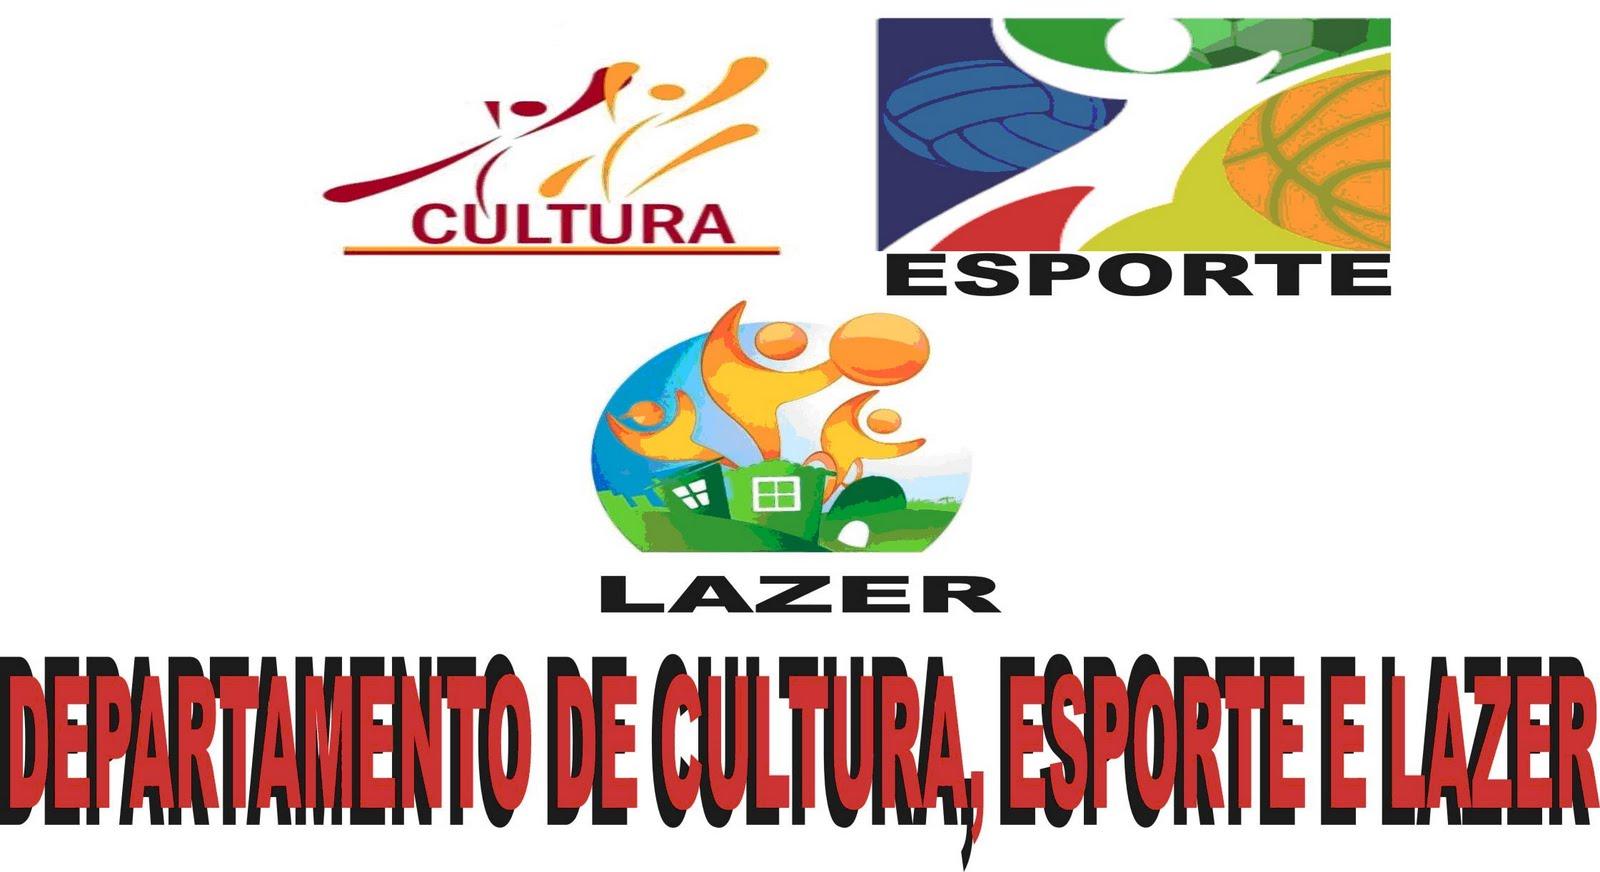 Departamento de Esporte Cultura e Lazer